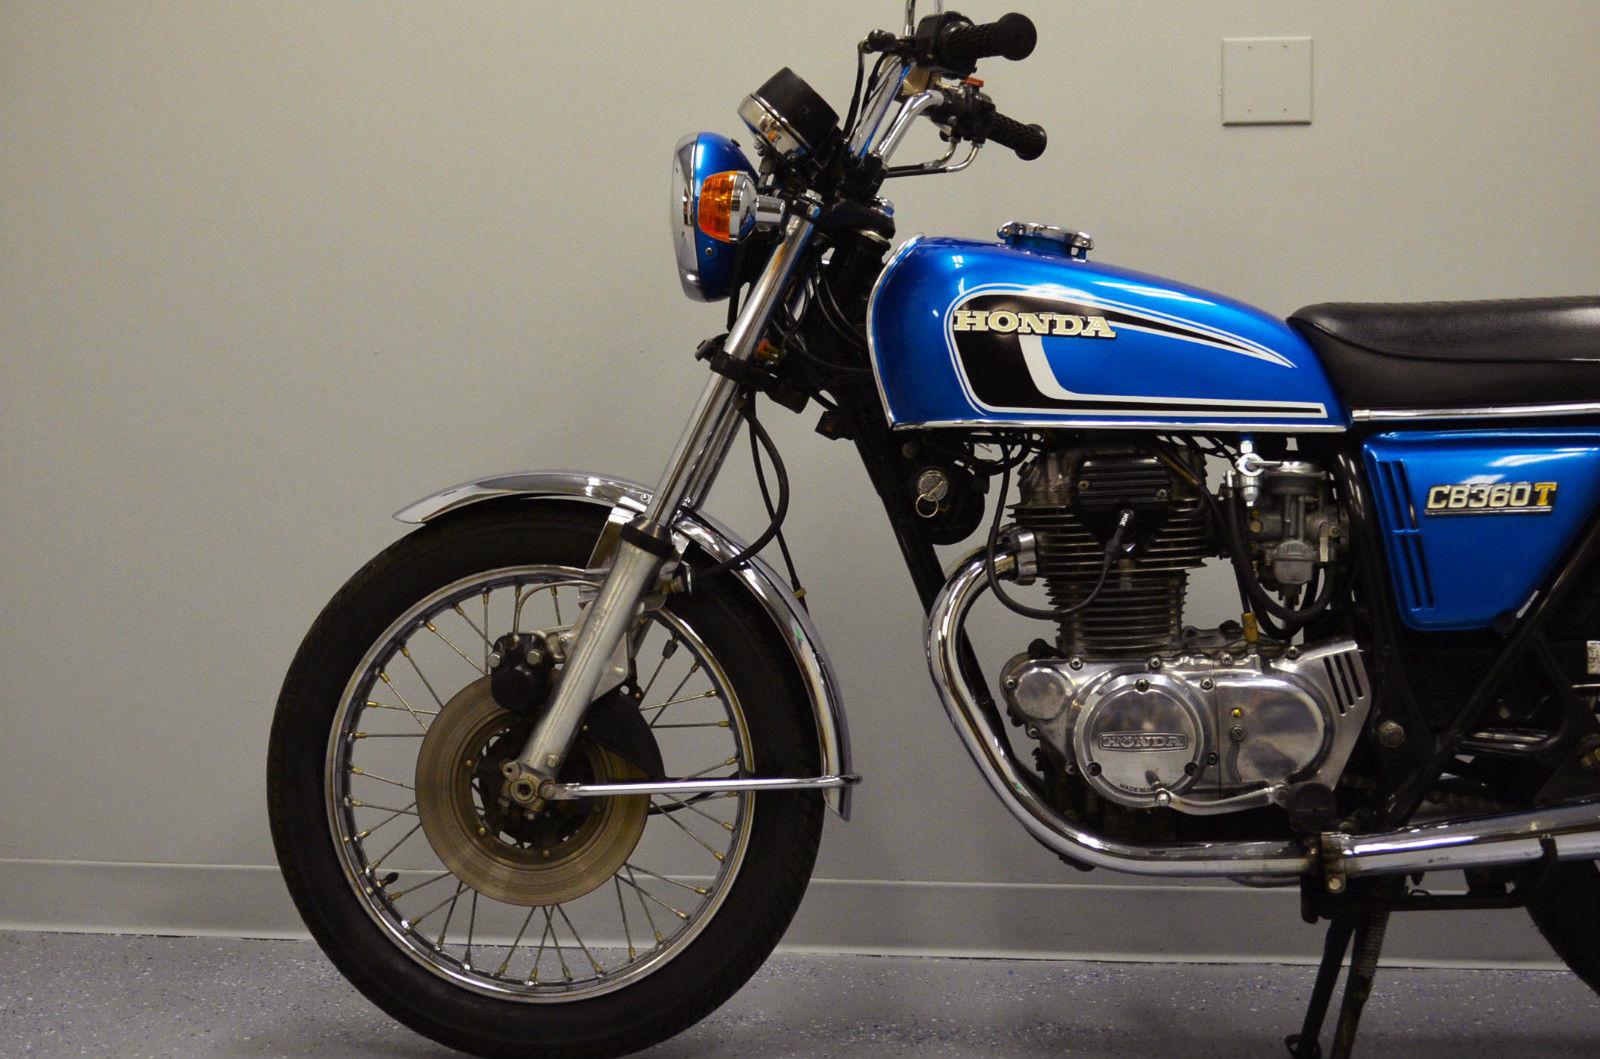 Restored Honda Cb360t